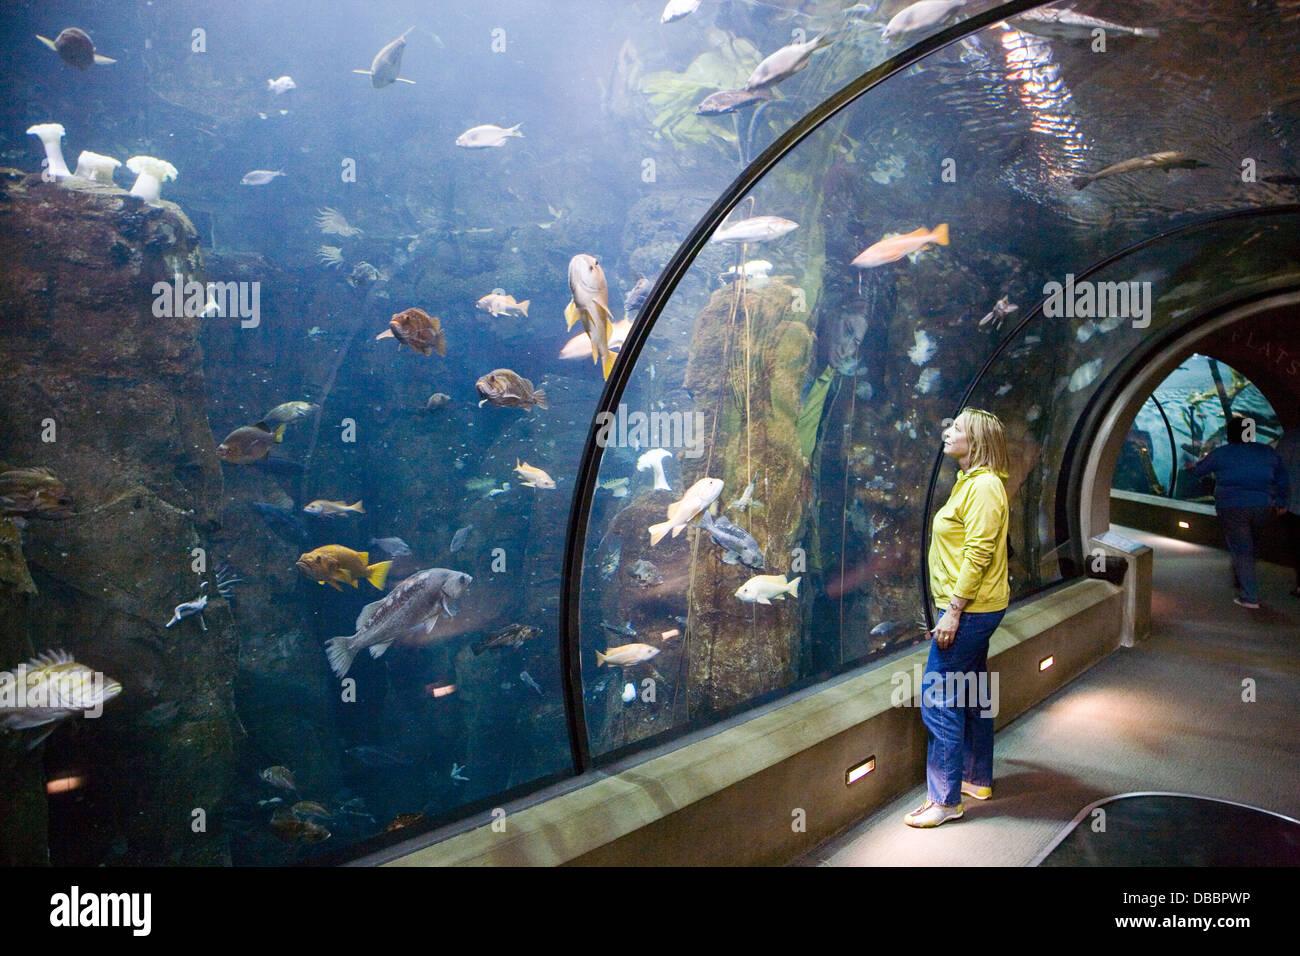 Passages Of The Deep At Oregon Coast Aquarium Newport